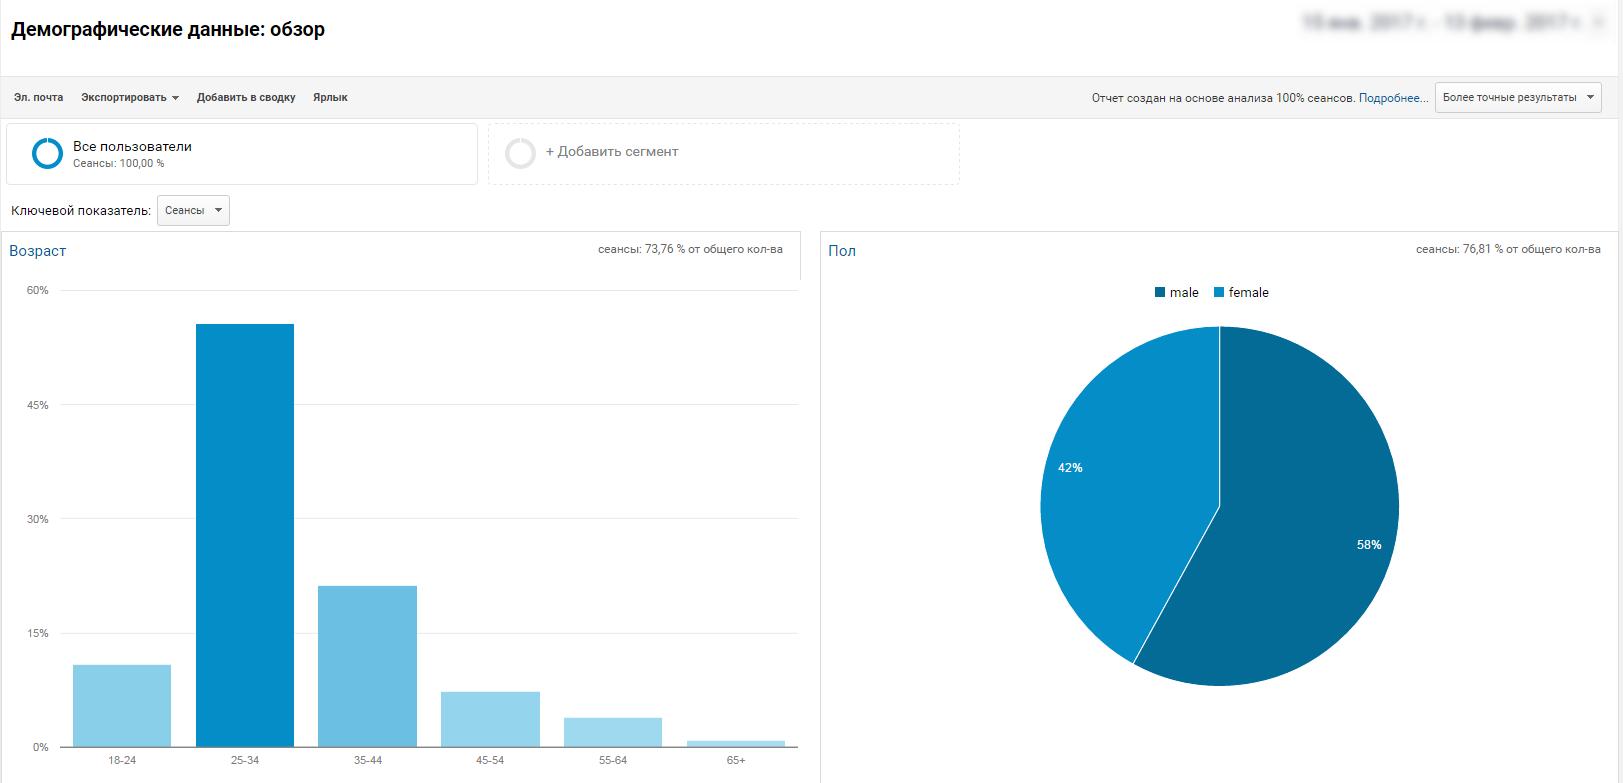 745a07ab38bc Демографический состав посетителей сайта по данным сервиса Google Analytics